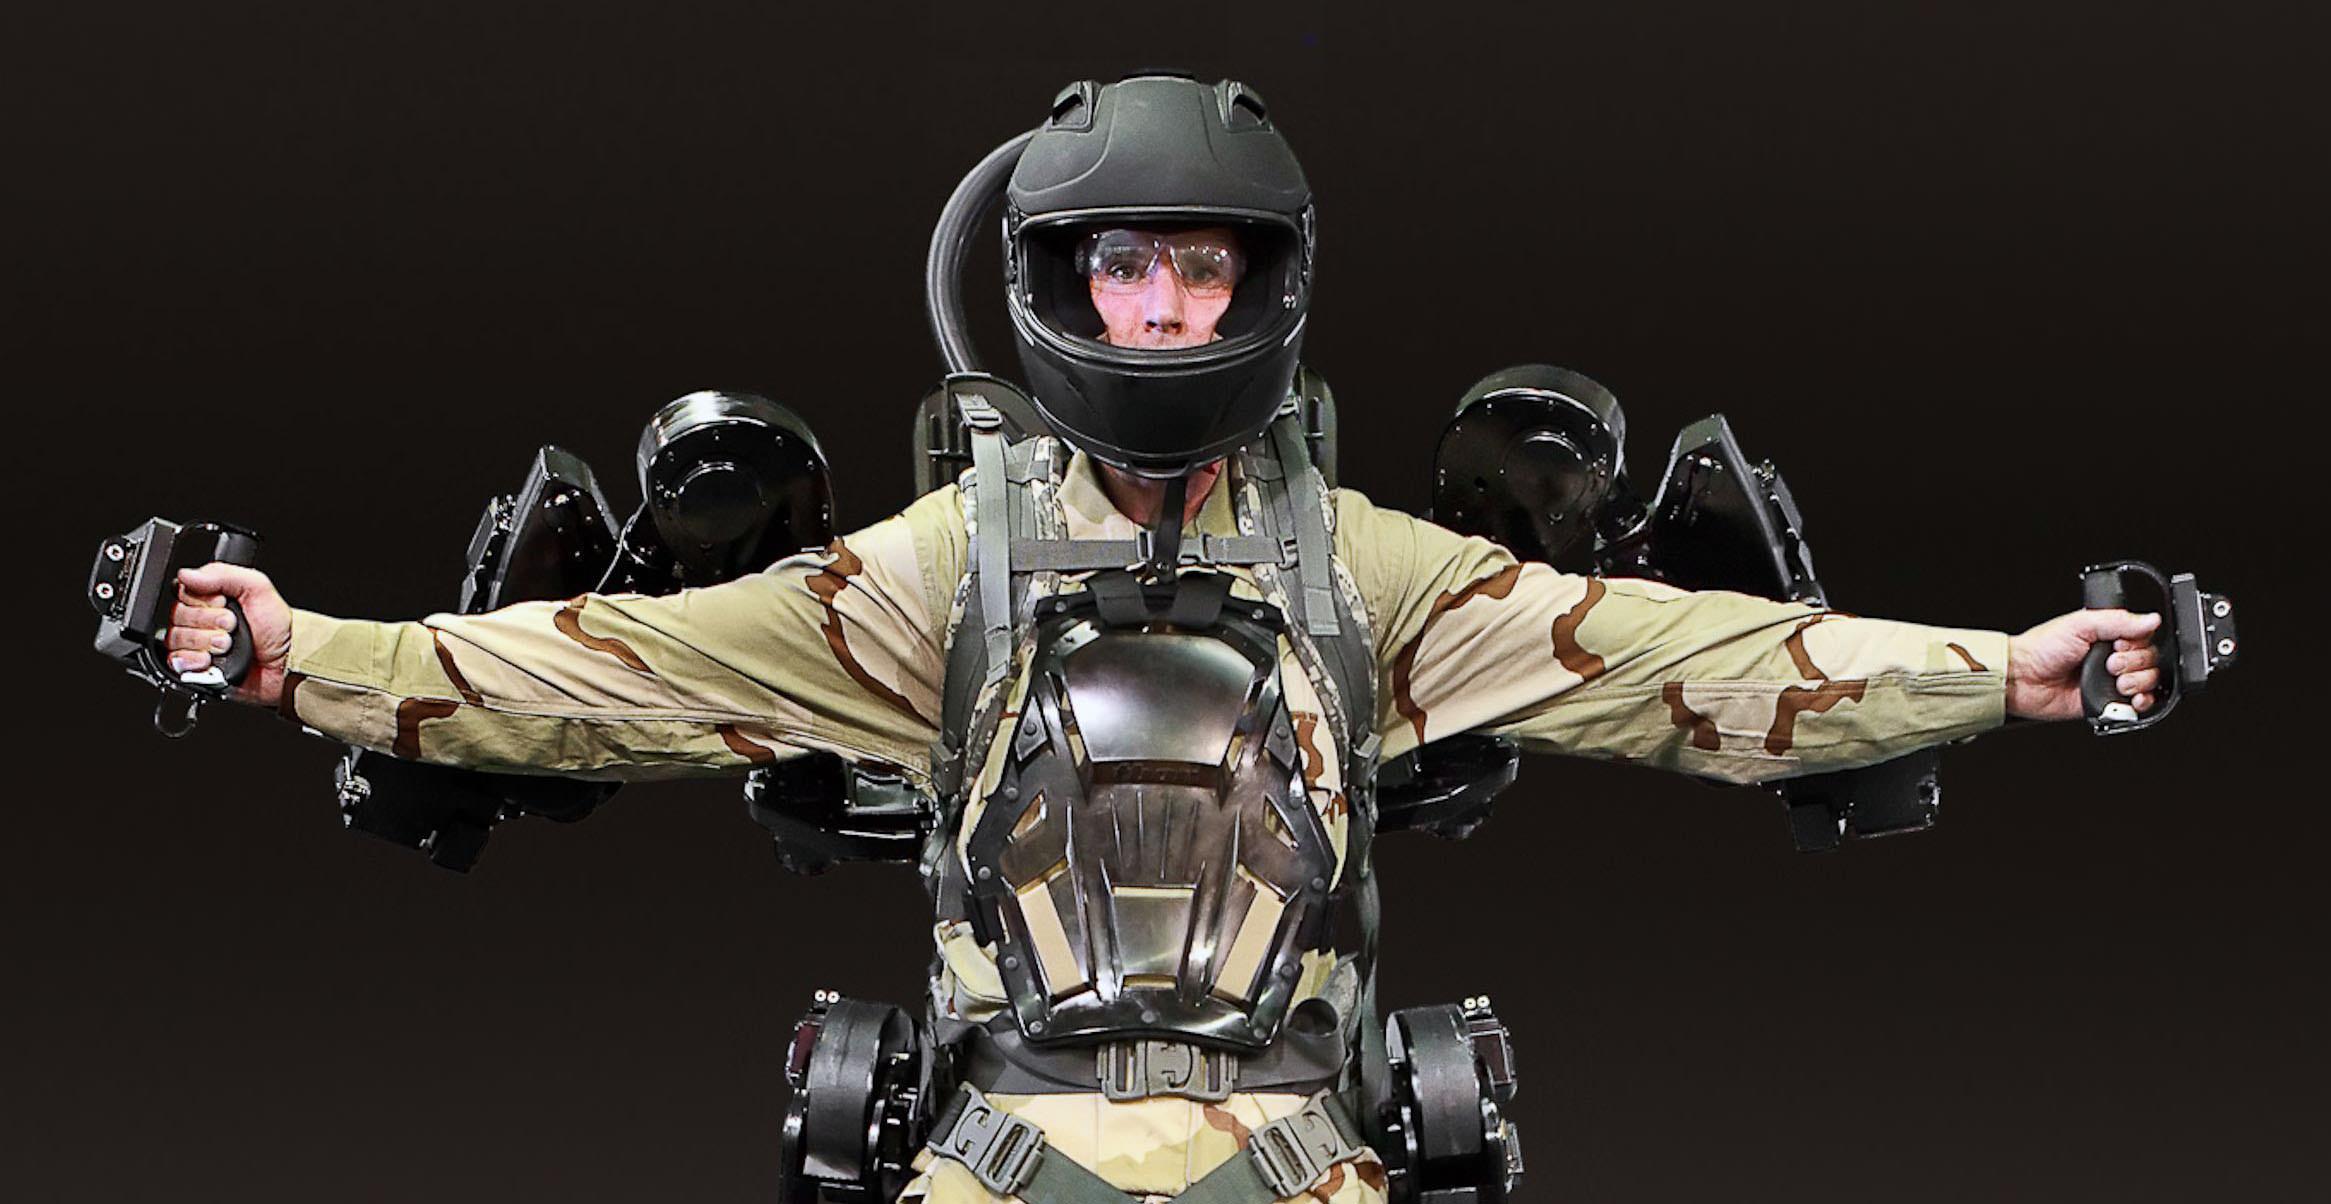 Human augmentation military exoskeleton